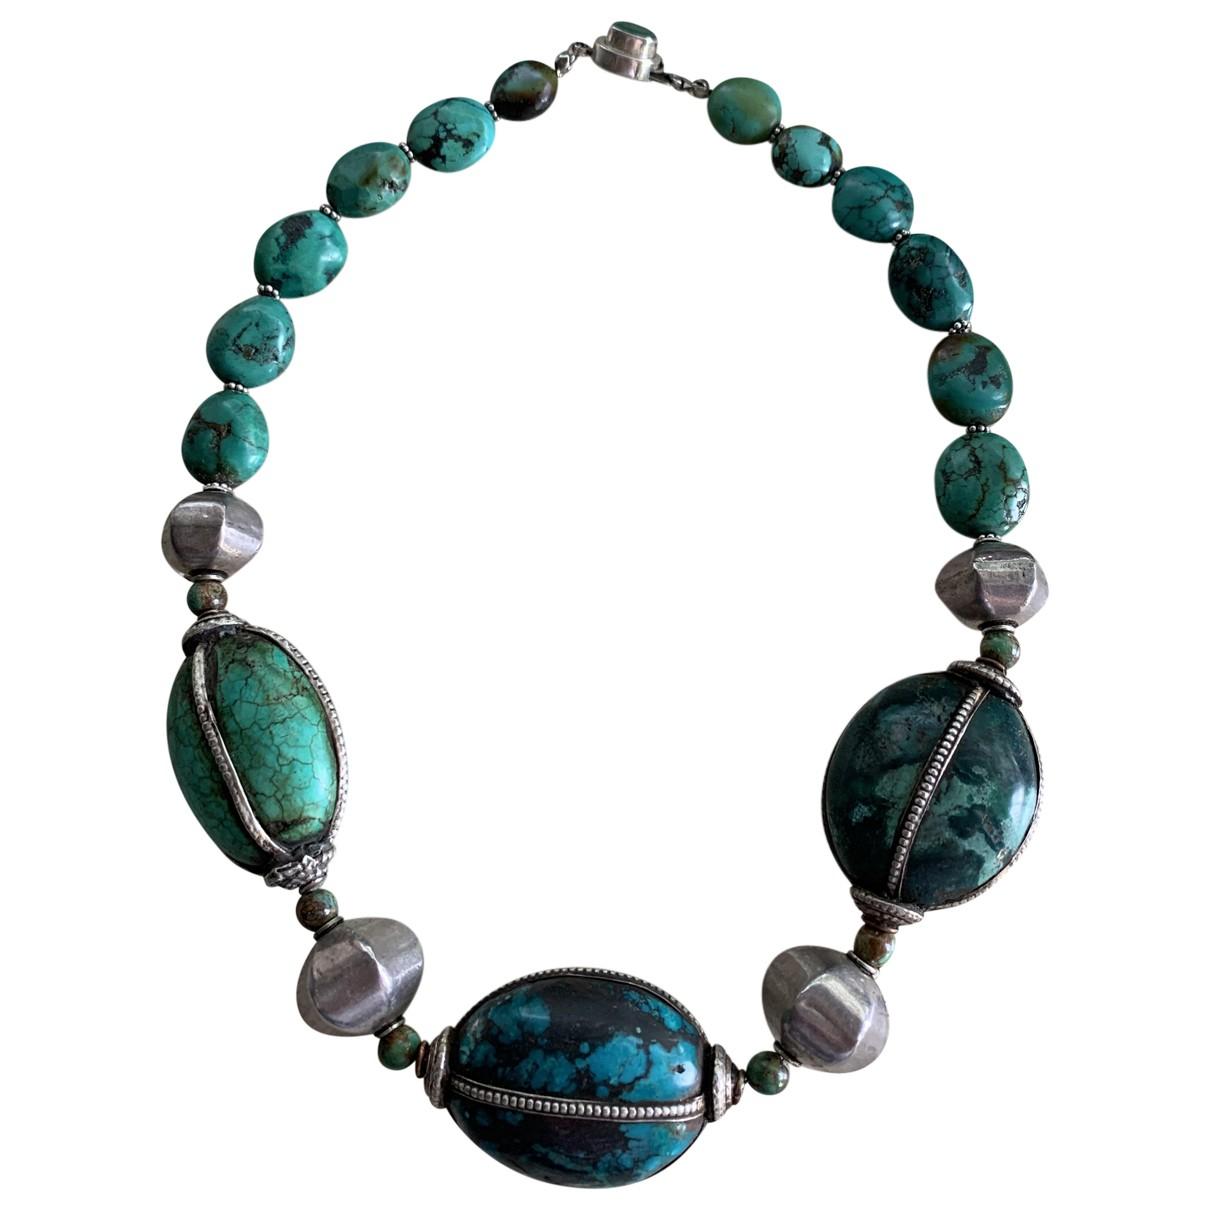 - Collier Turquoises pour femme en argent - vert